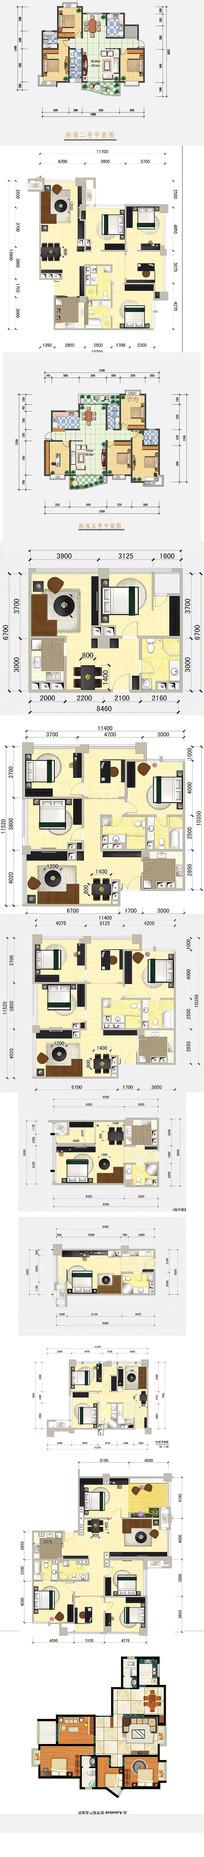 房地产彩平户型